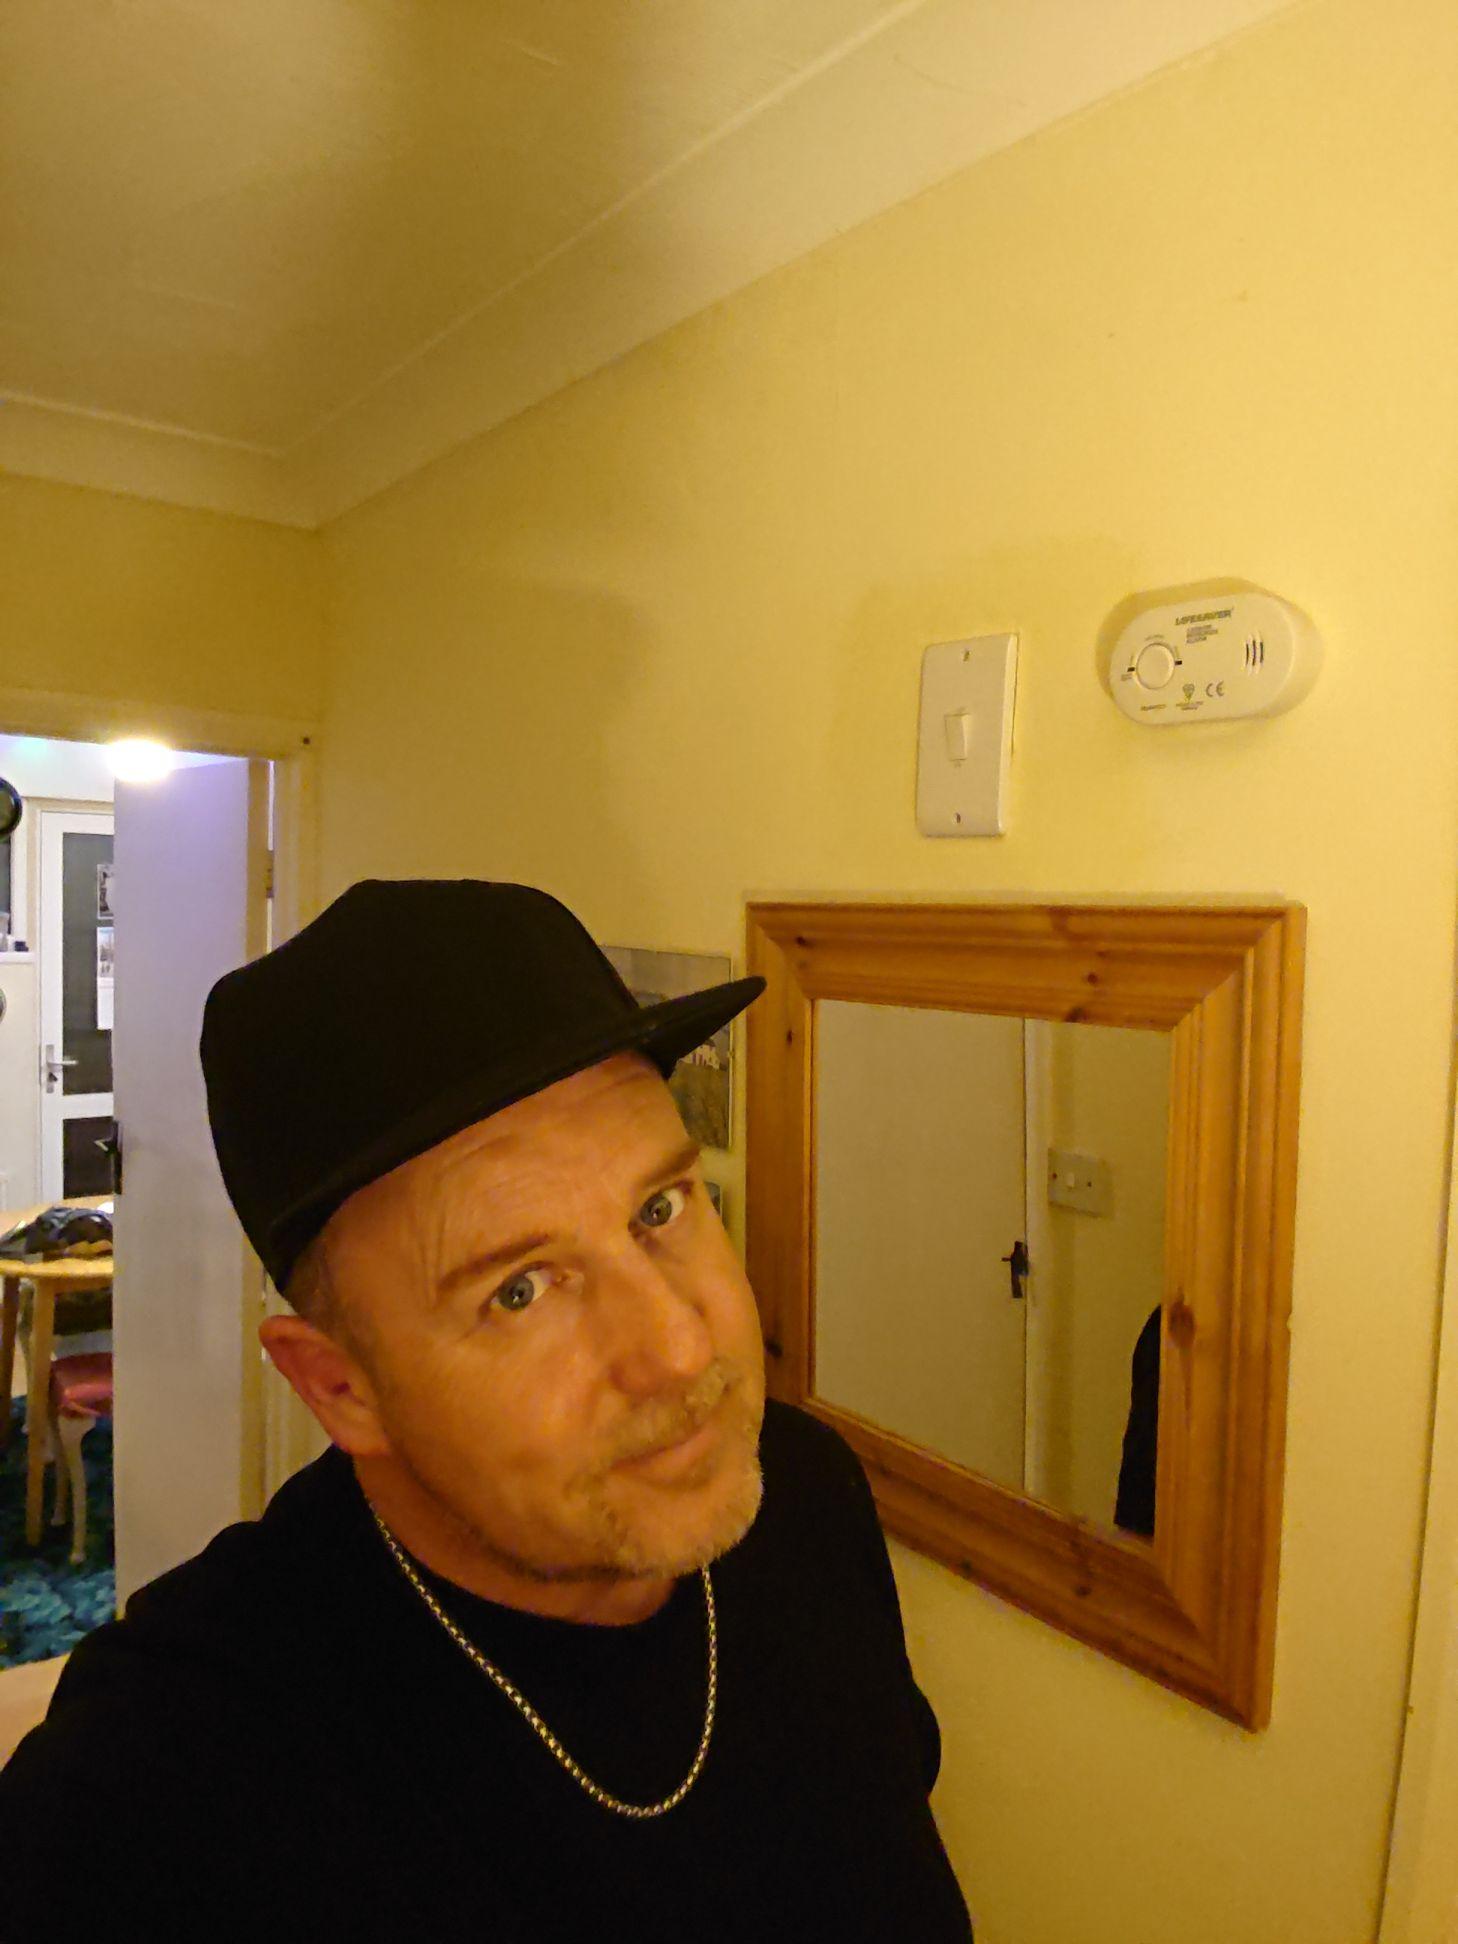 badass DJ baseball cap just arrived!